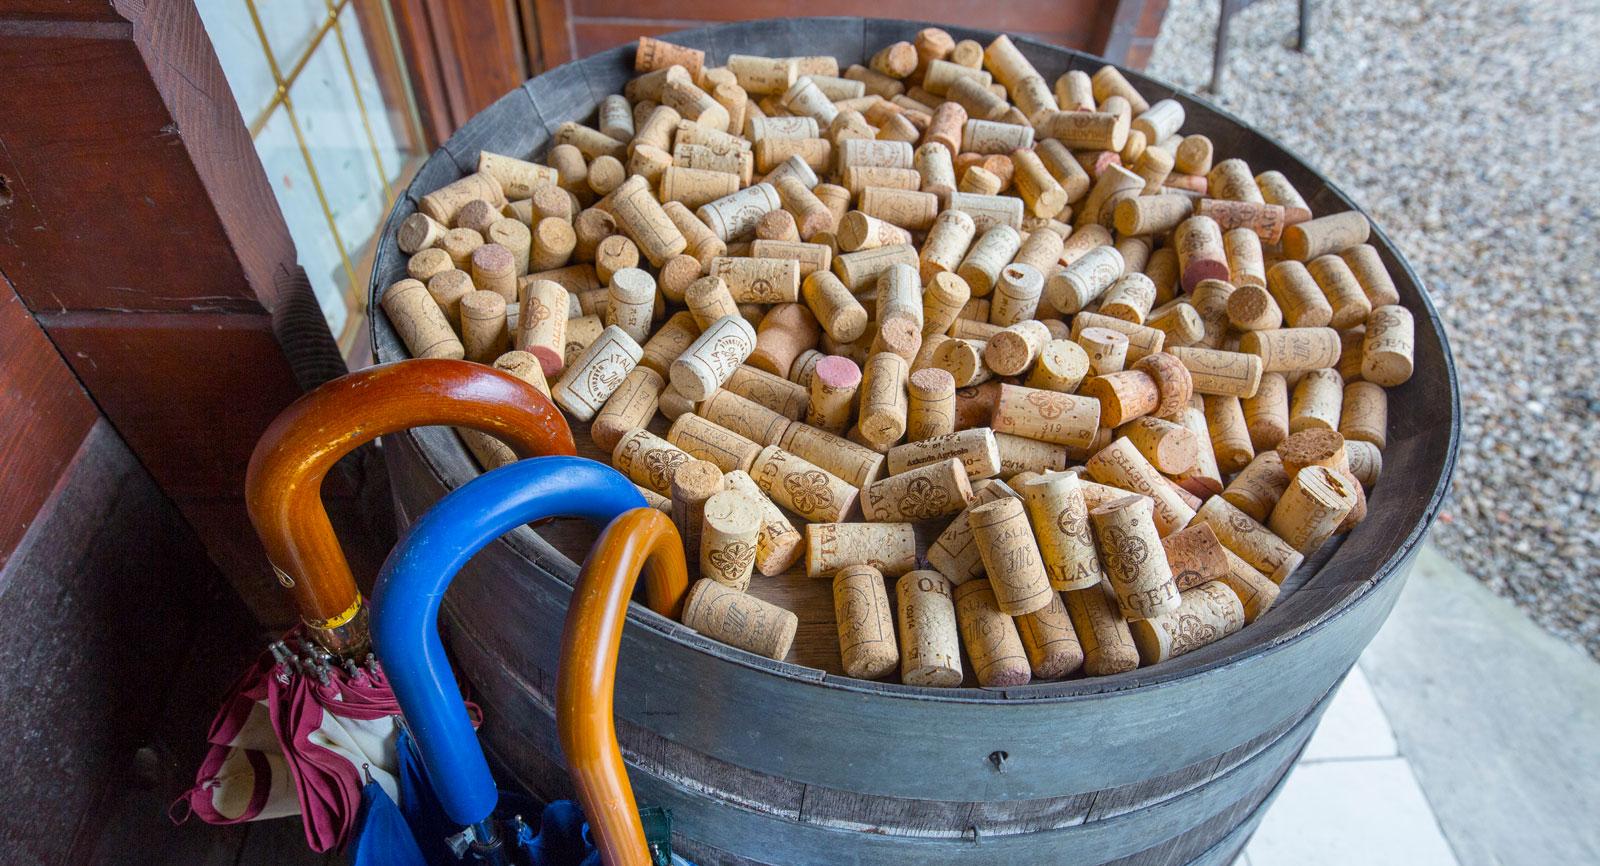 På restaurangen vid ställplatsen kan lokala viner beställas i större eller mindre partier till rimliga priser. Glöm inte paraplyet!